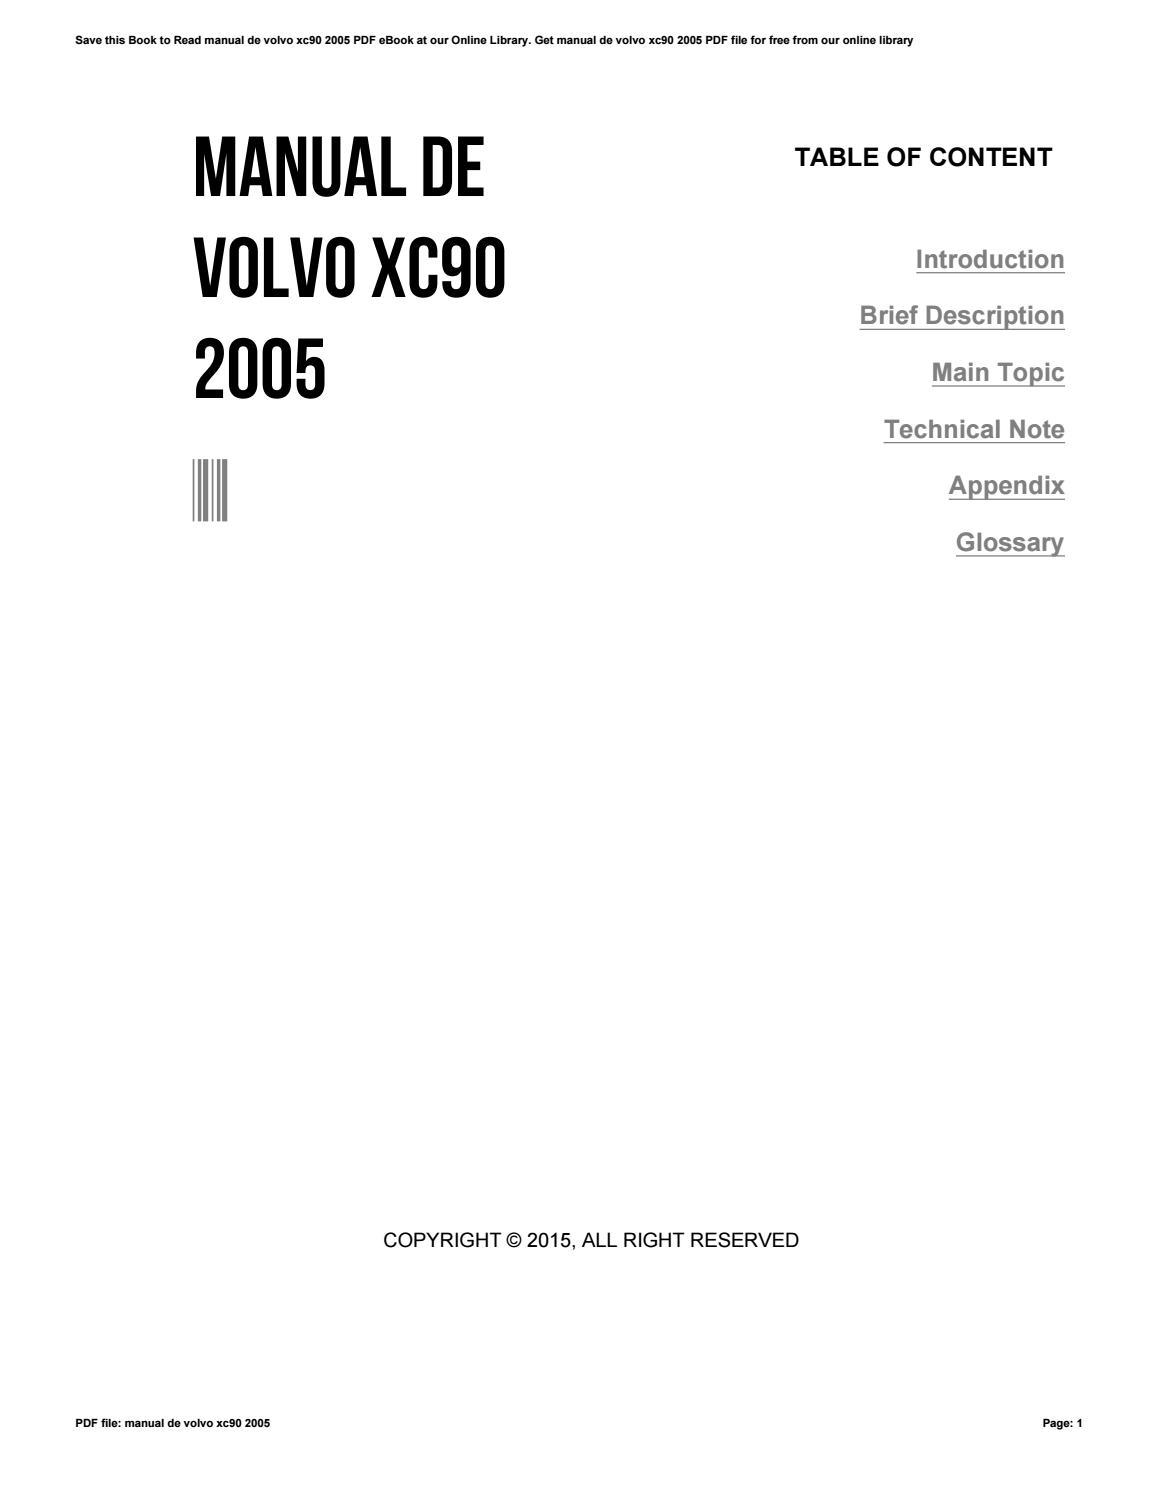 manual de volvo xc90 2005 by zhcne20 issuu rh issuu com xc90 2005 manual volvo xc90 2005 owners manual pdf